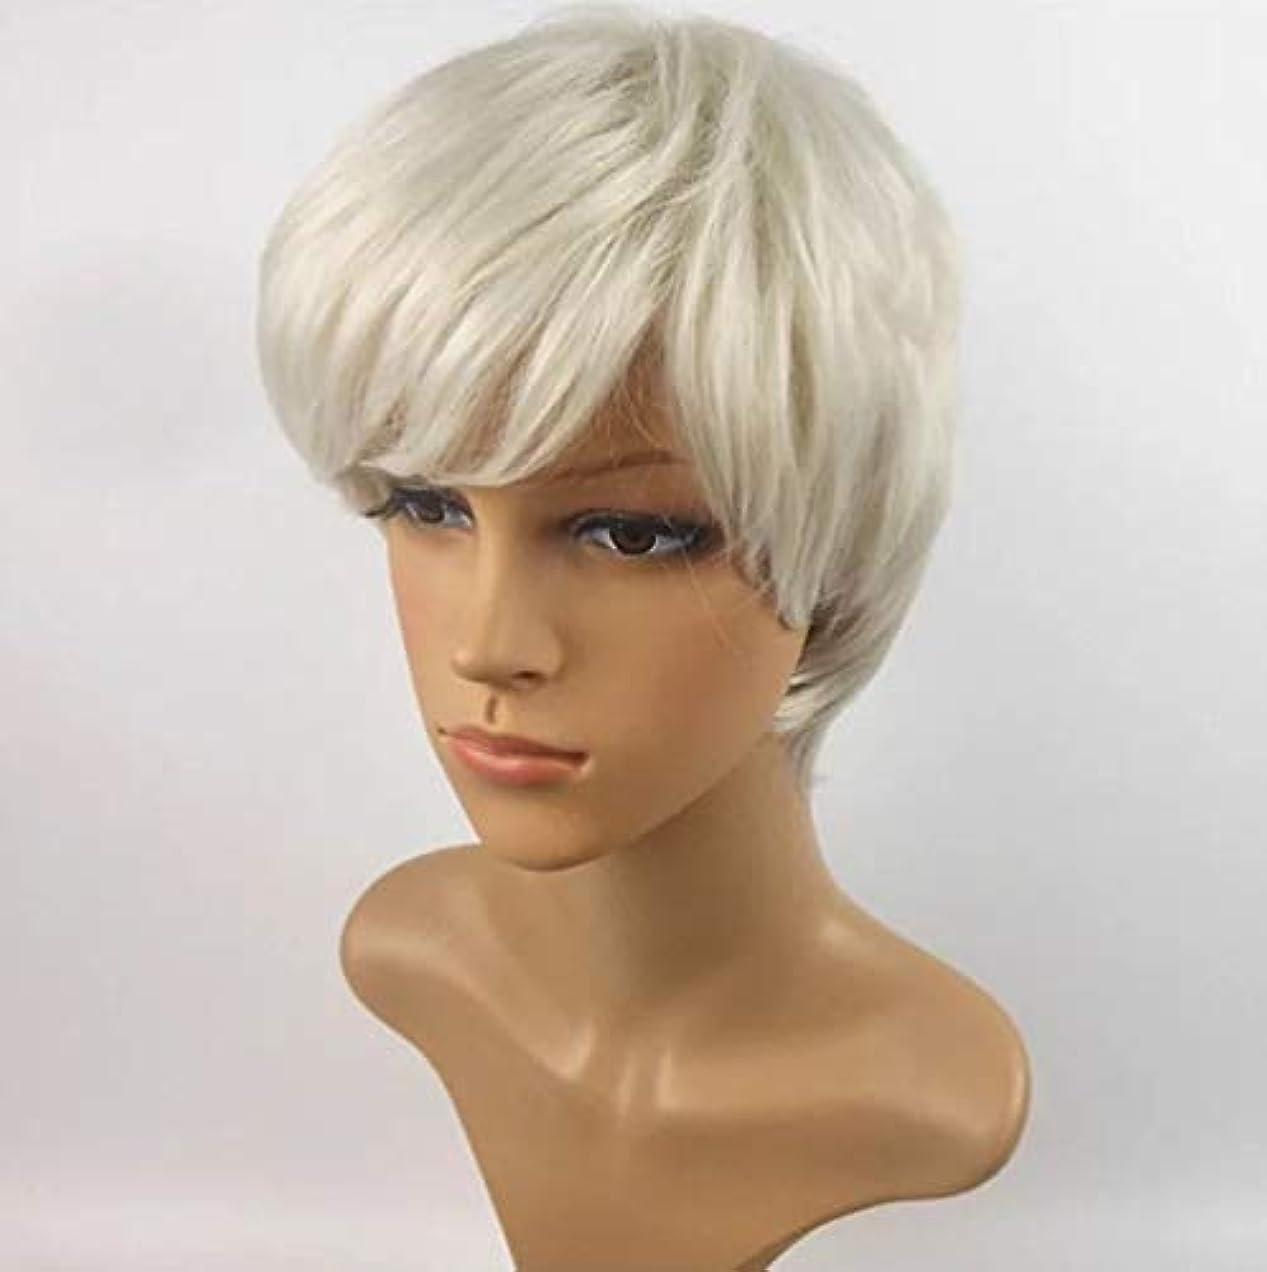 フレッシュ緊張するモスクSummerys 短い巻き毛のかつら髪かつら女性のための自然な耐熱フルウィッグ (Color : White)